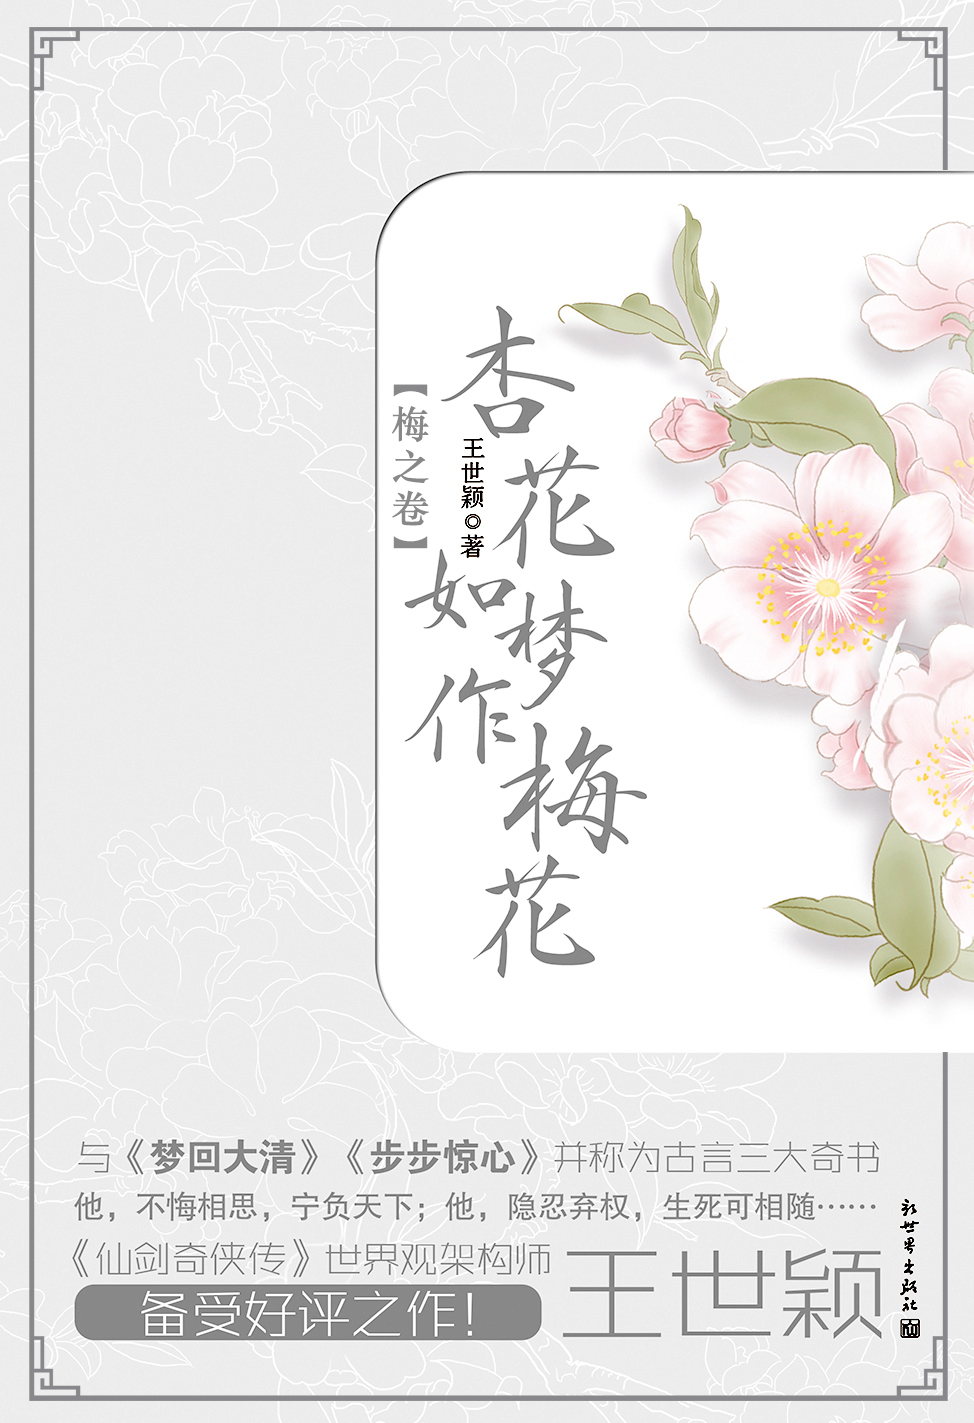 杏花如梦作梅花2·梅之卷